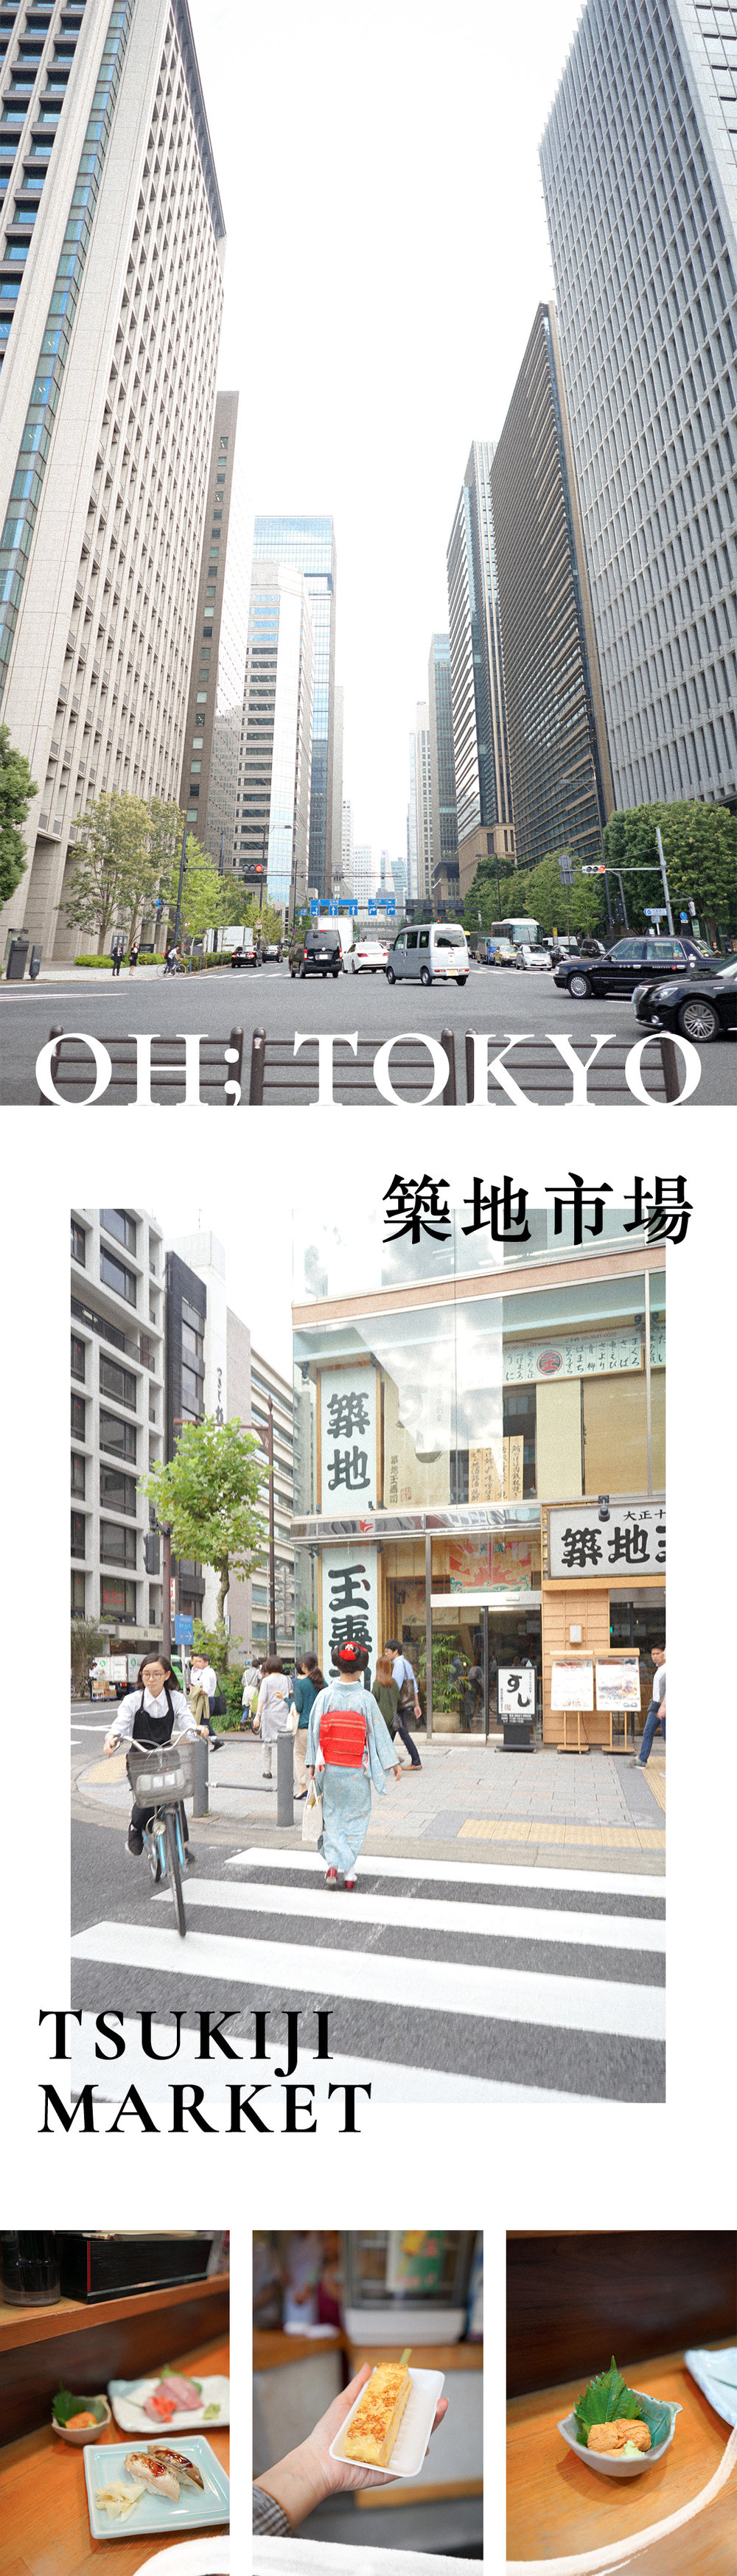 tokyo6.jpg